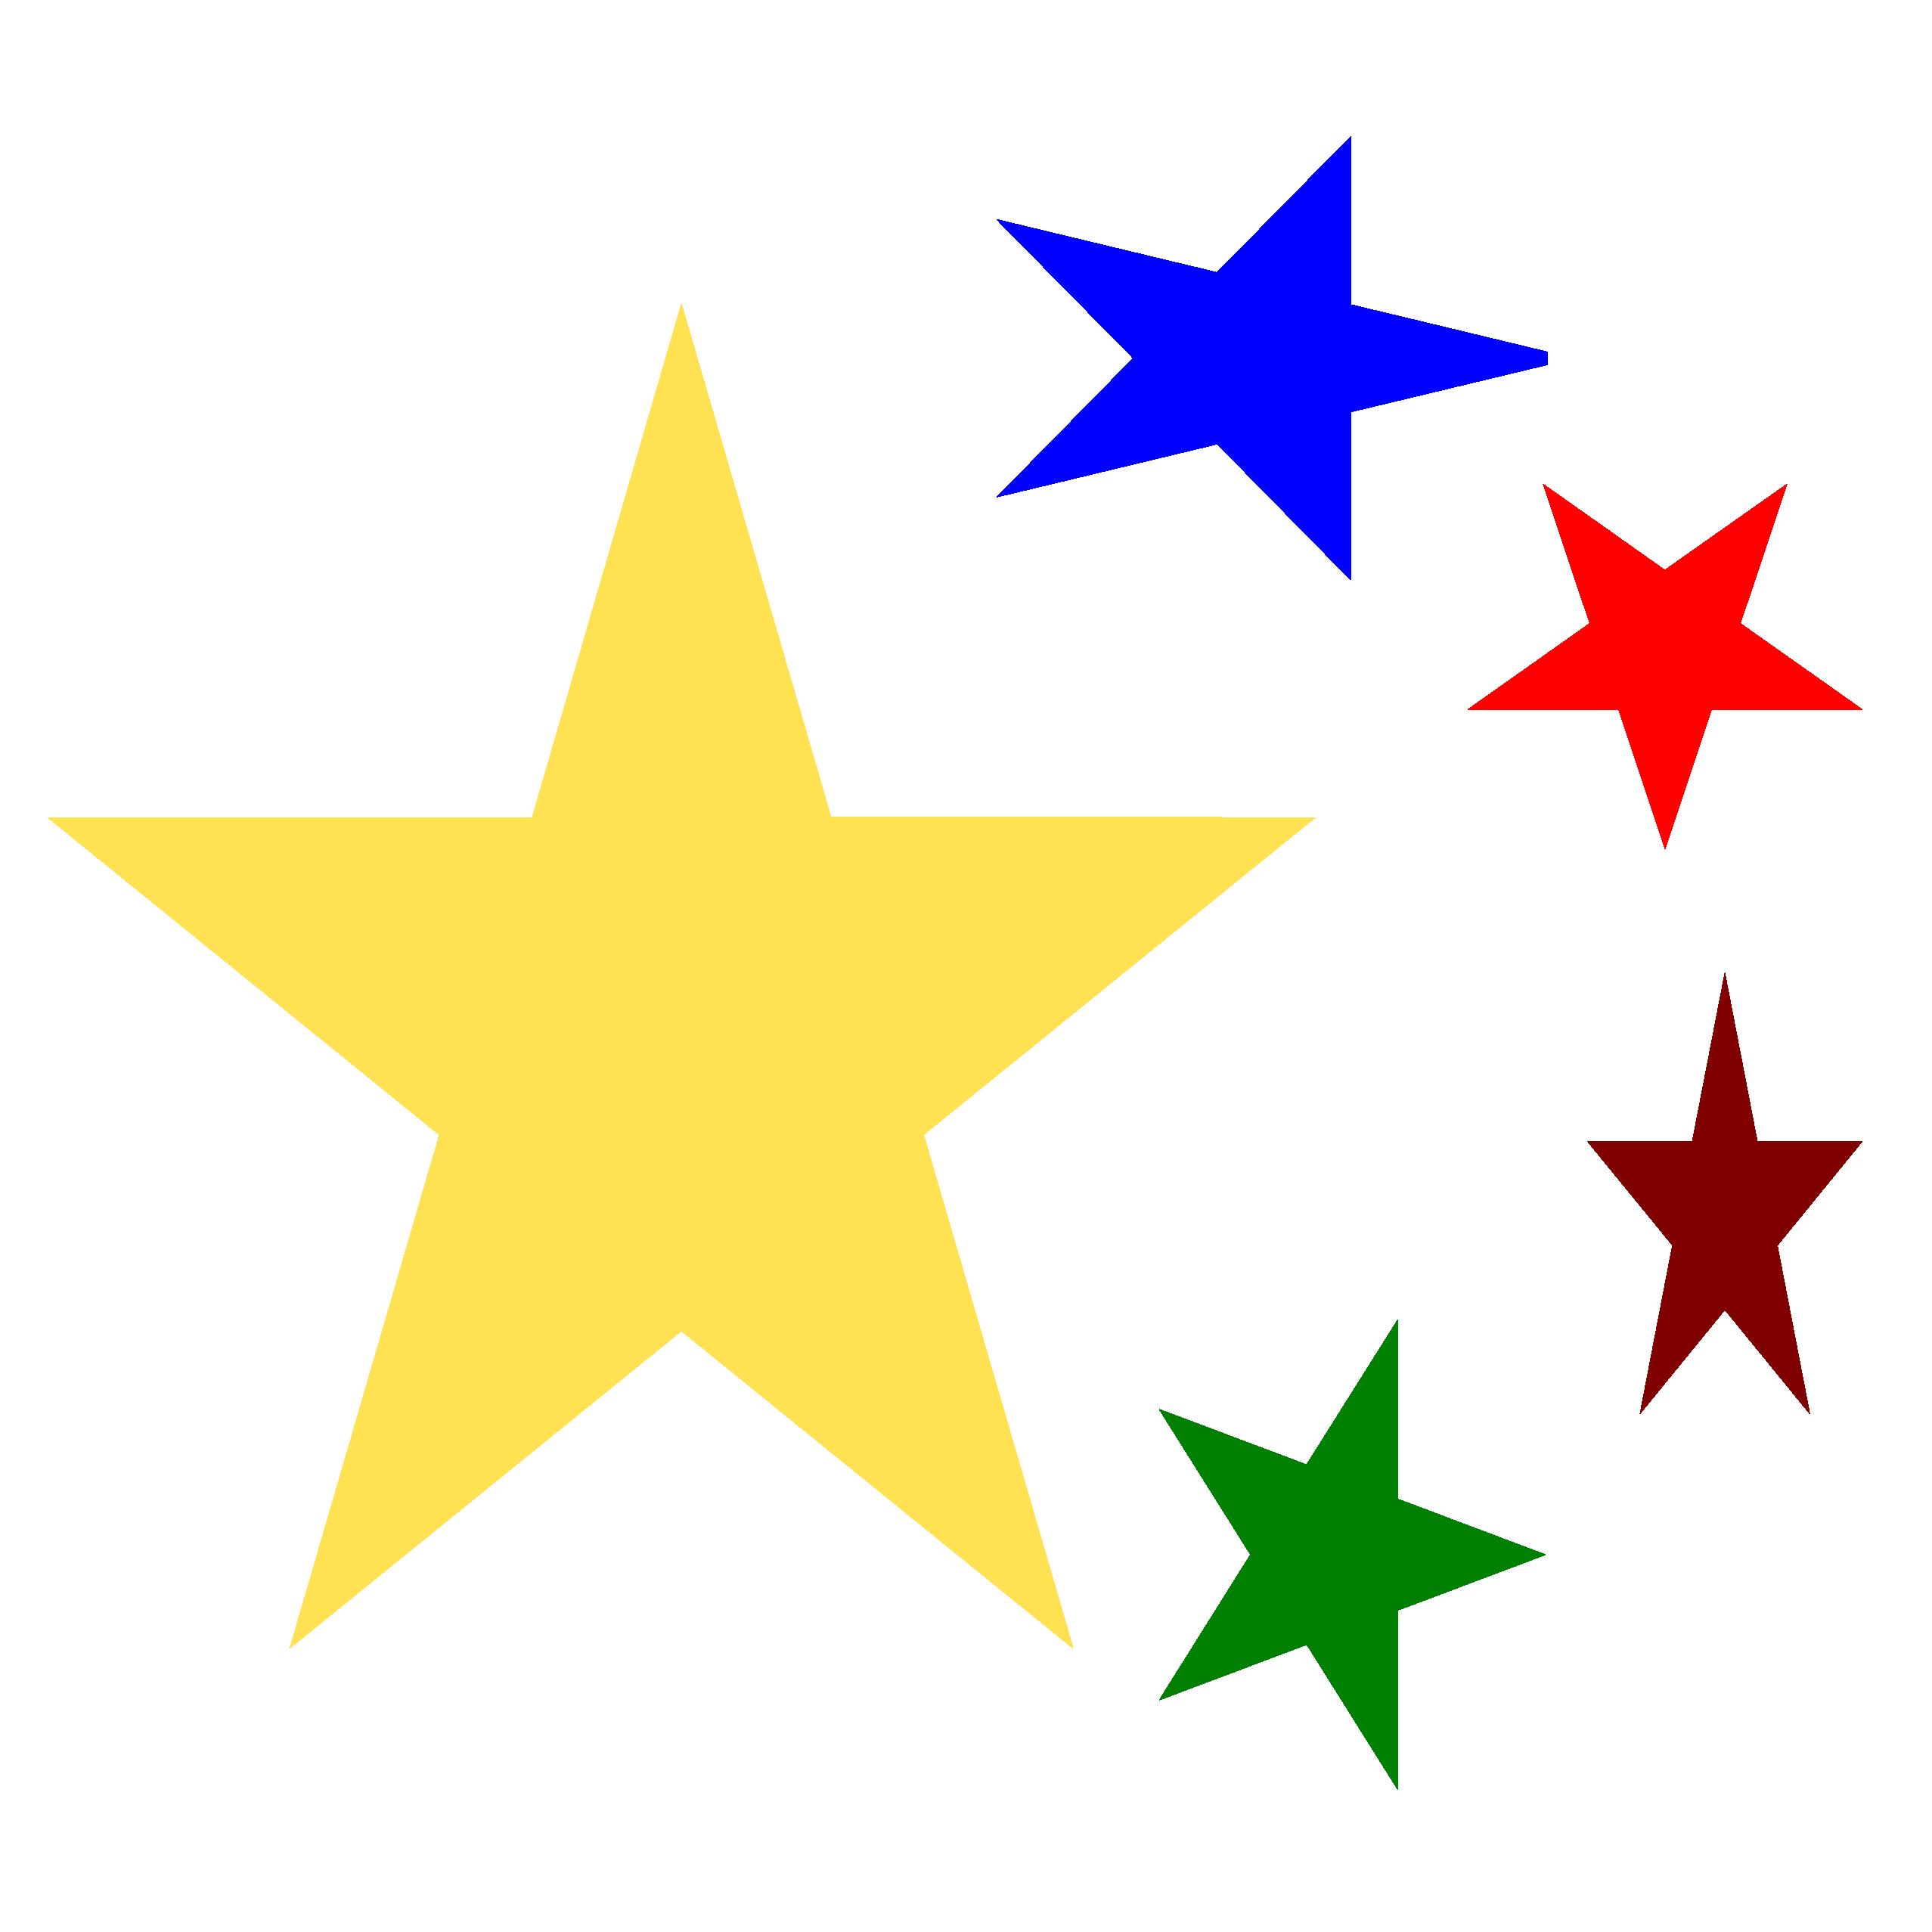 Yellow Stars Clip Art - ClipArt Best